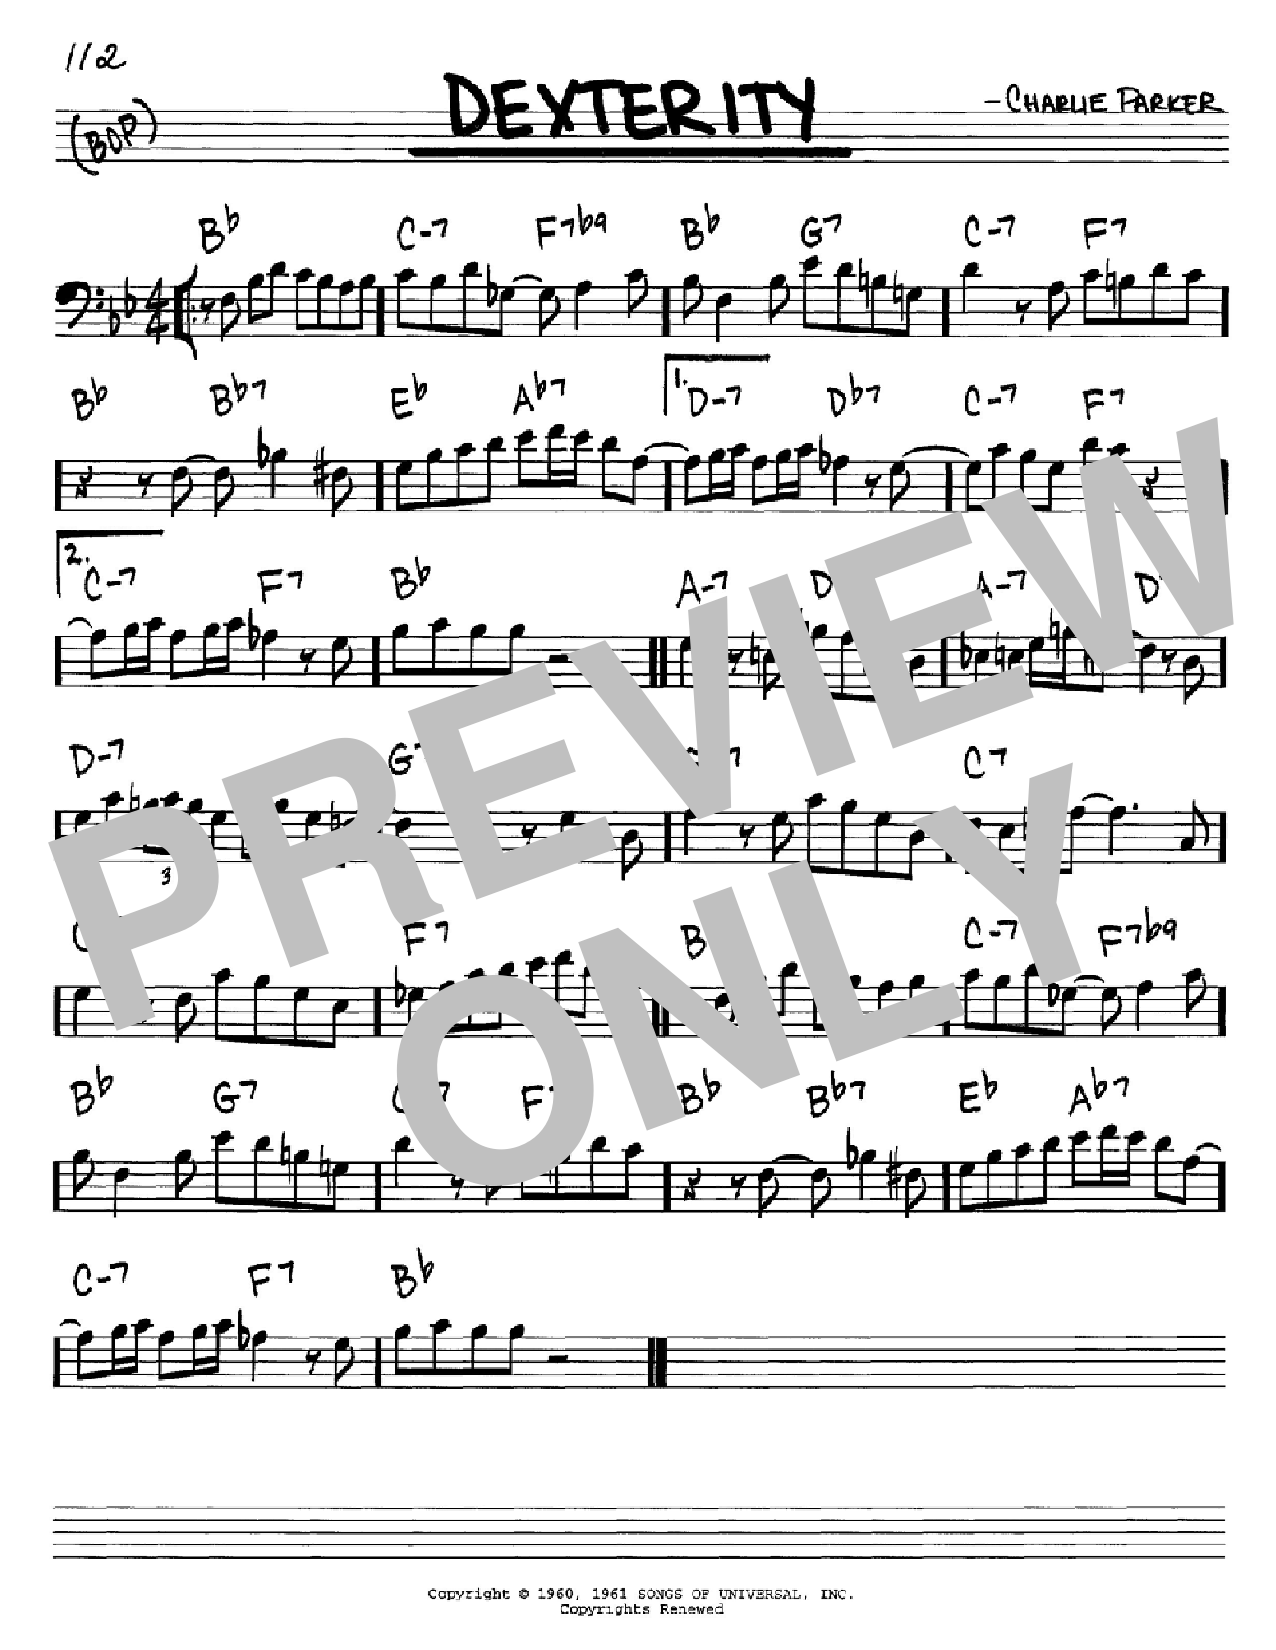 Partition autre Dexterity de Charlie Parker - Real Book, Melodie et Accords, Inst. En cle de Fa